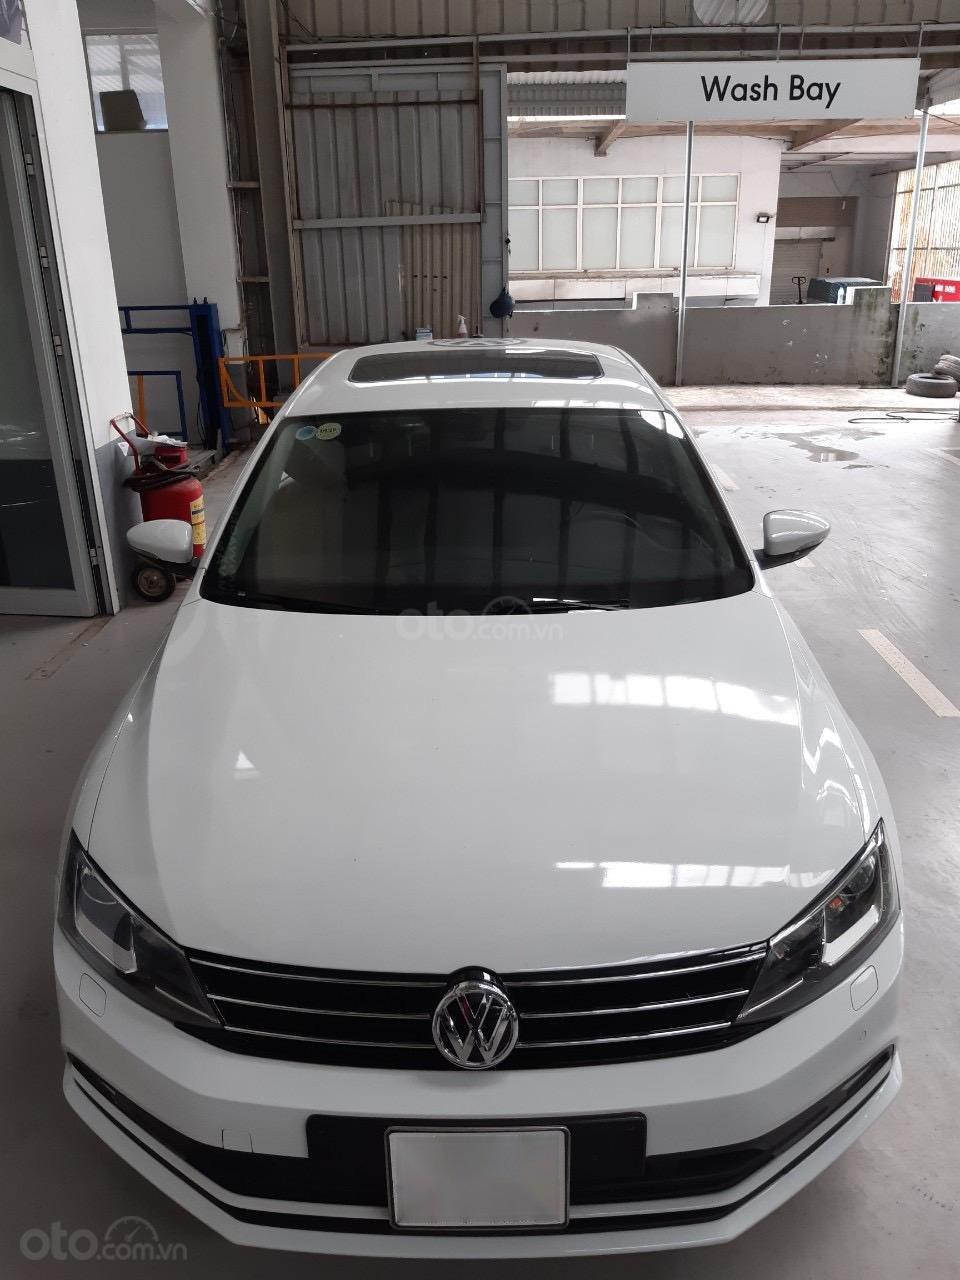 Bán xe Volkswagen Polo màu trắng, đăng kí 2017 (2)